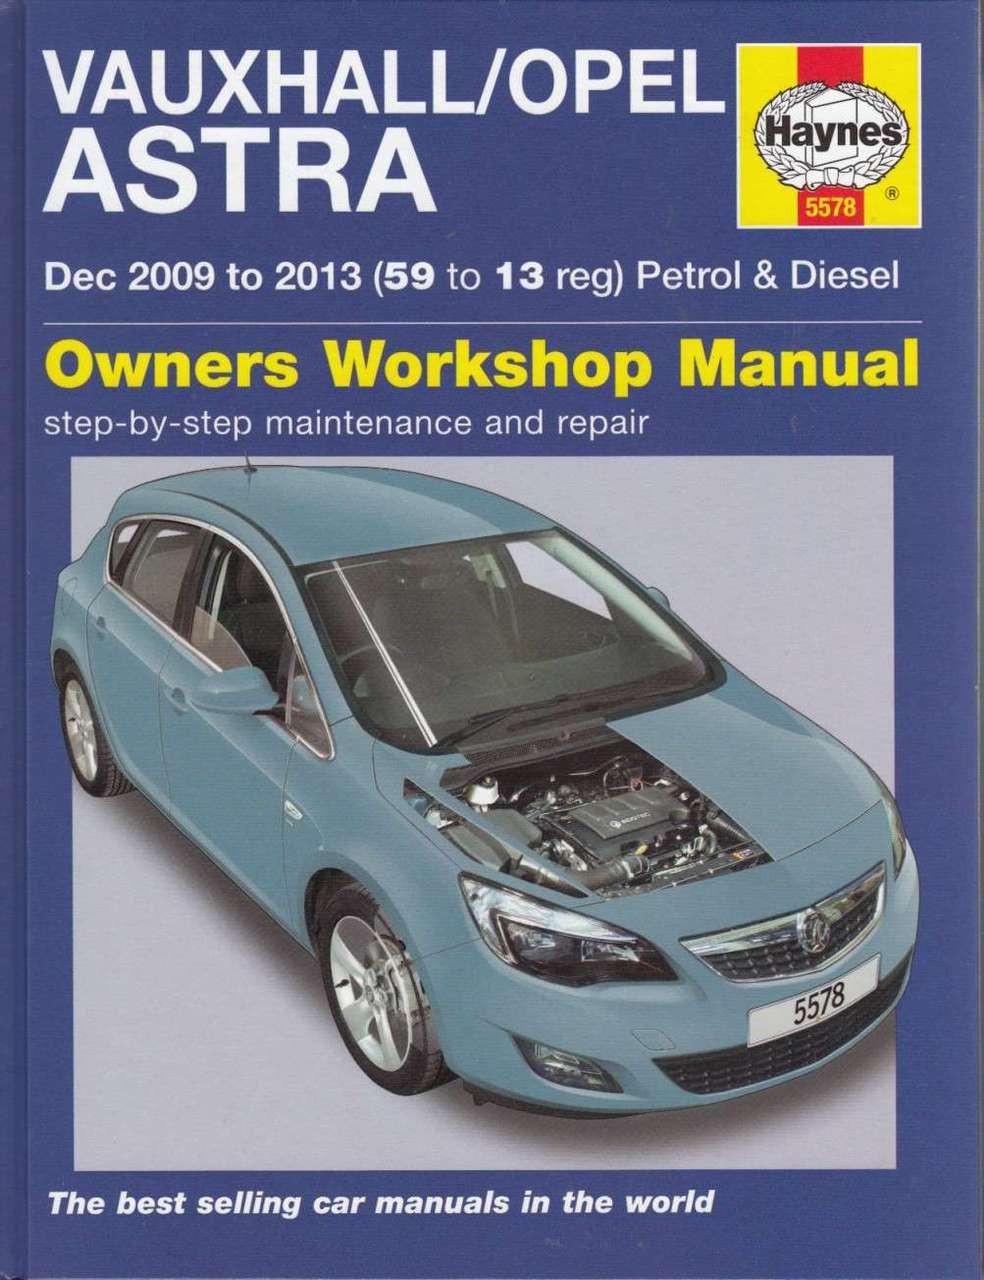 Vauxhall / Opel Astra Petrol & Diesel Workshop Manual ...